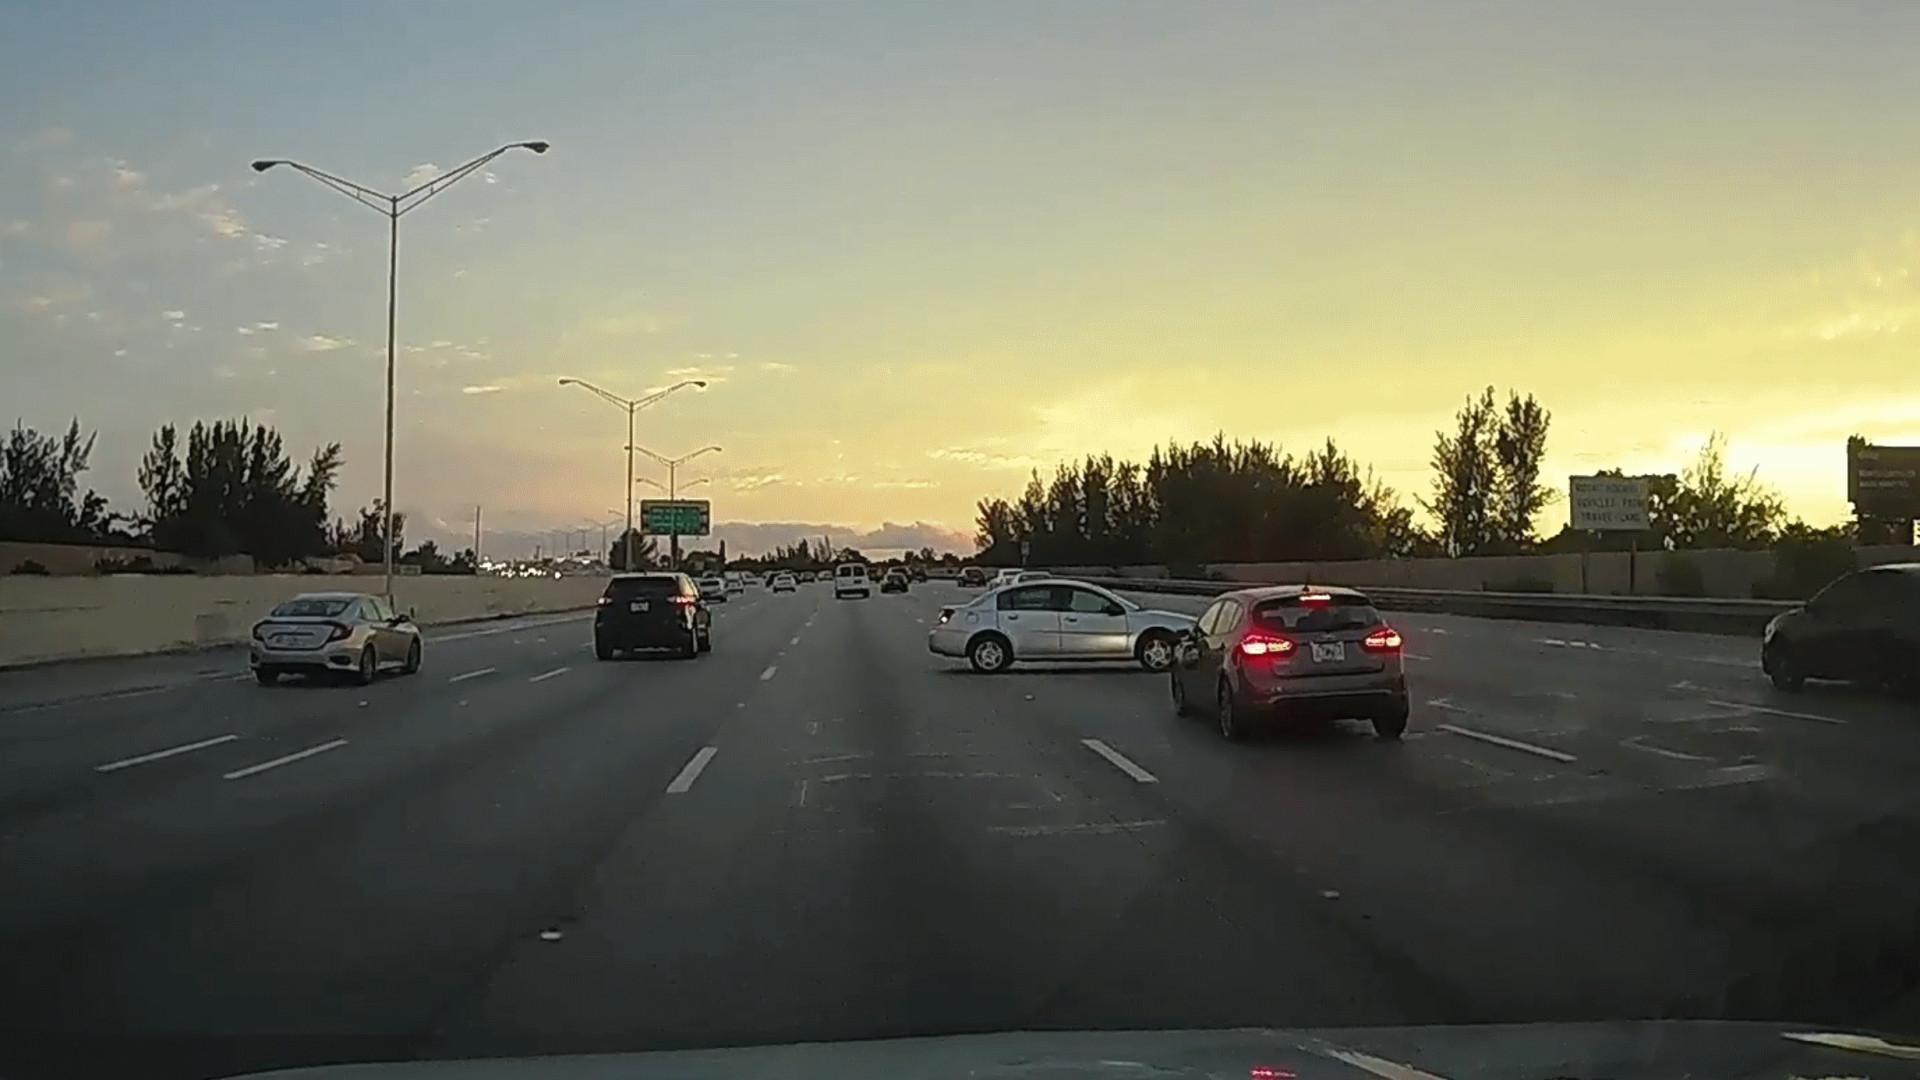 Impressionante domínio de carro após perder o controle na estrada